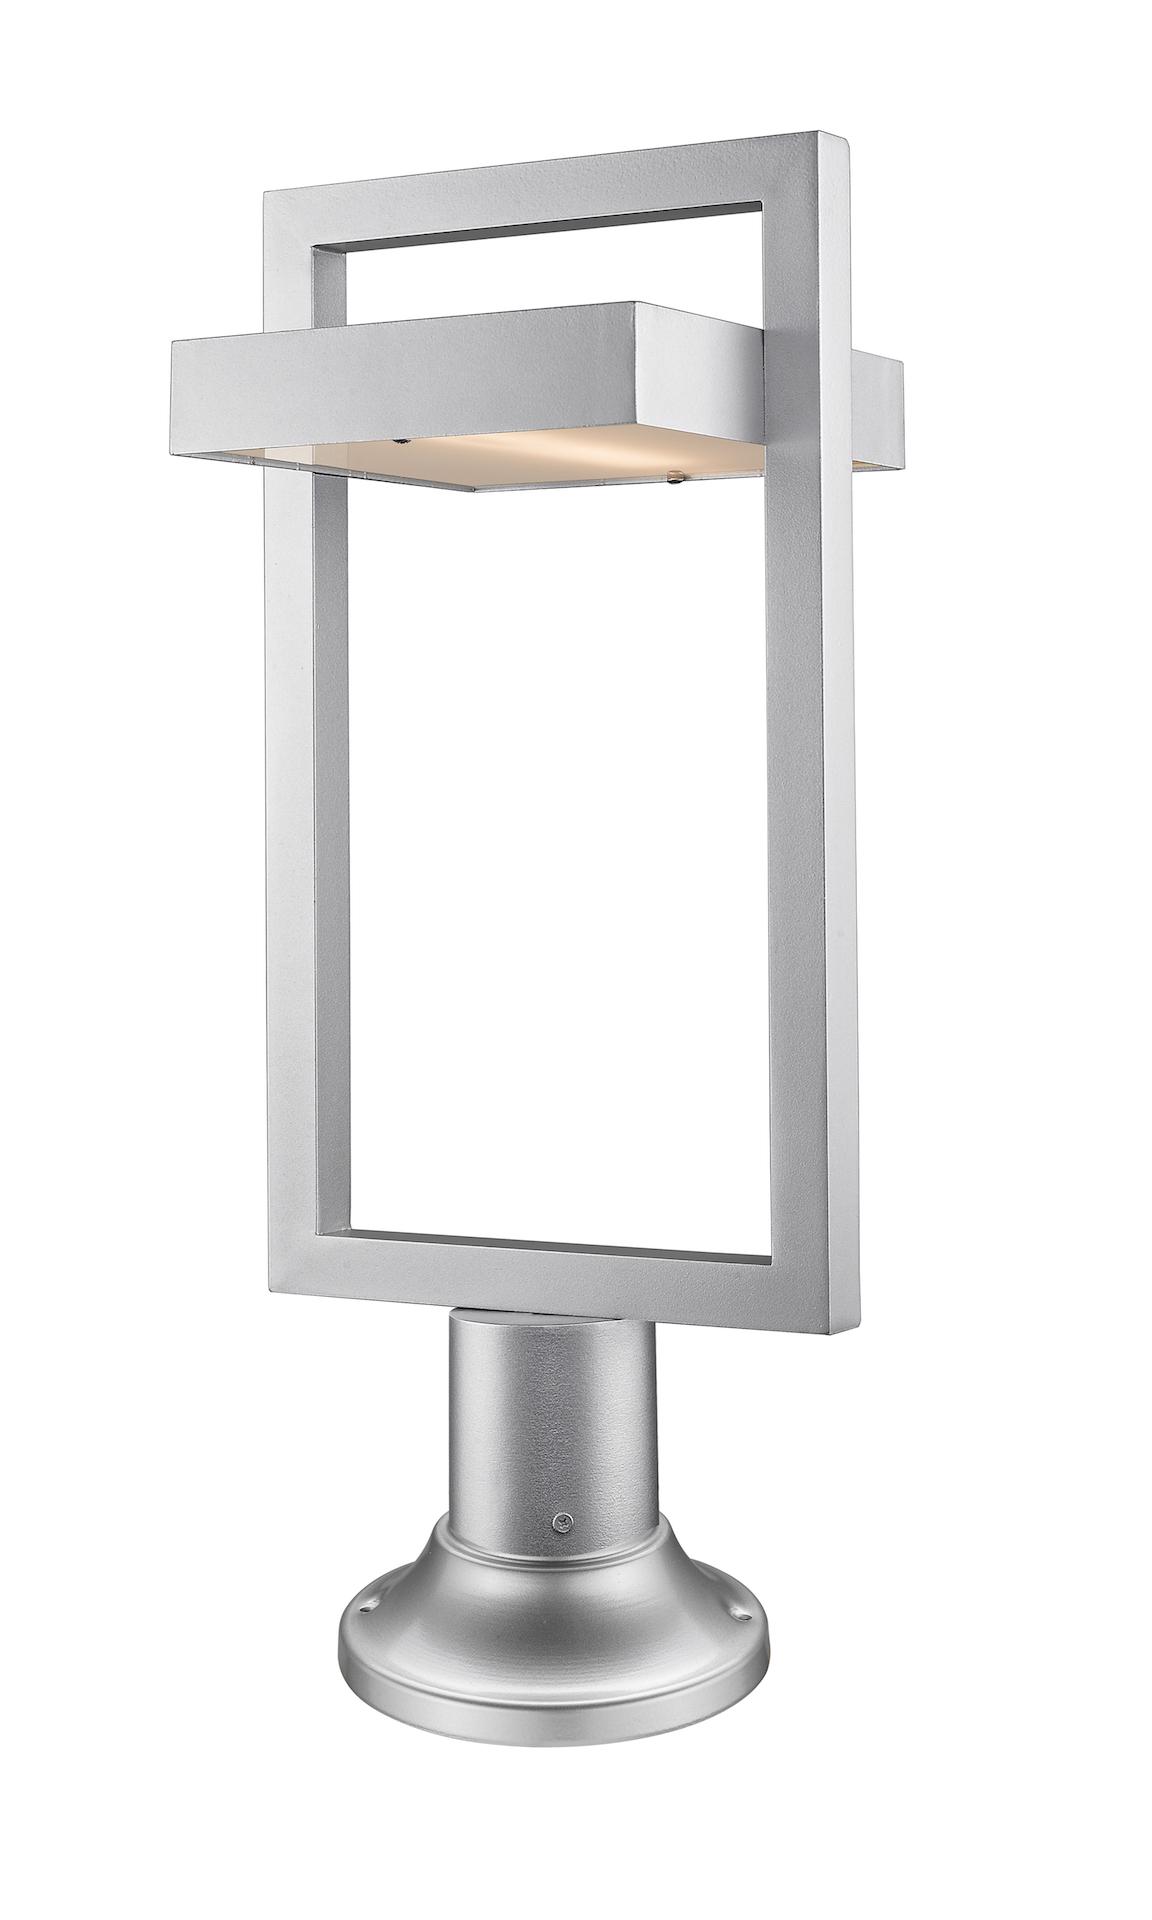 luminaire ext rieur sur poteau luttrel 566phbr 553pm sl led. Black Bedroom Furniture Sets. Home Design Ideas